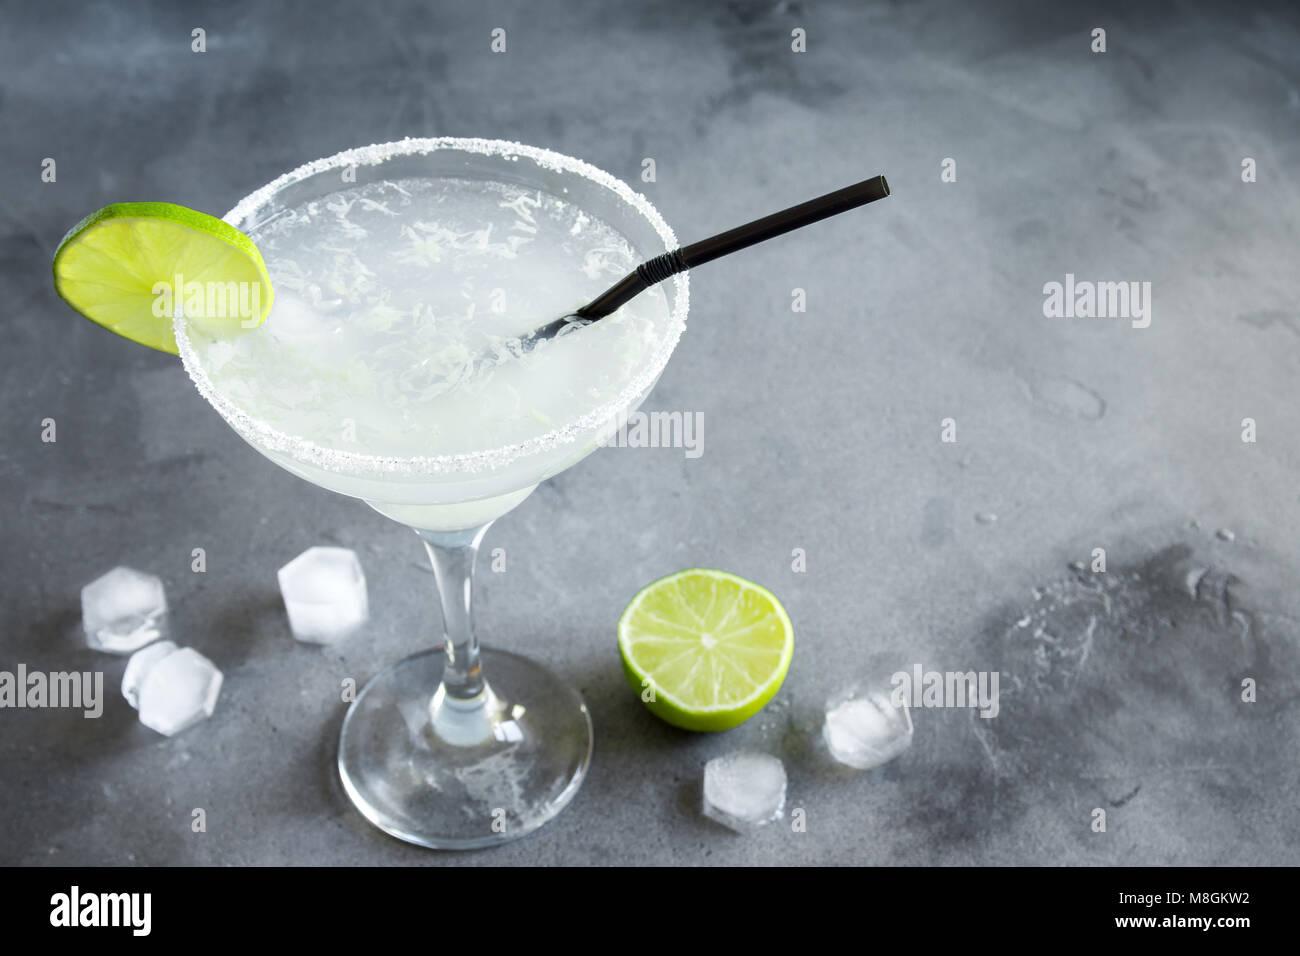 Marguerite Сocktail avec de la chaux et de la glace sur fond de béton gris, copiez l'espace. Margarita Photo Stock